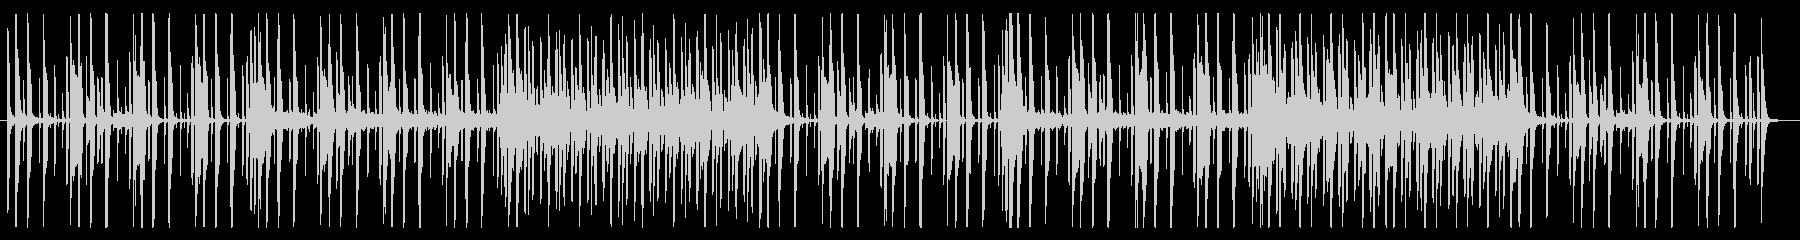 洗練されたミニマルなピアノポップの未再生の波形